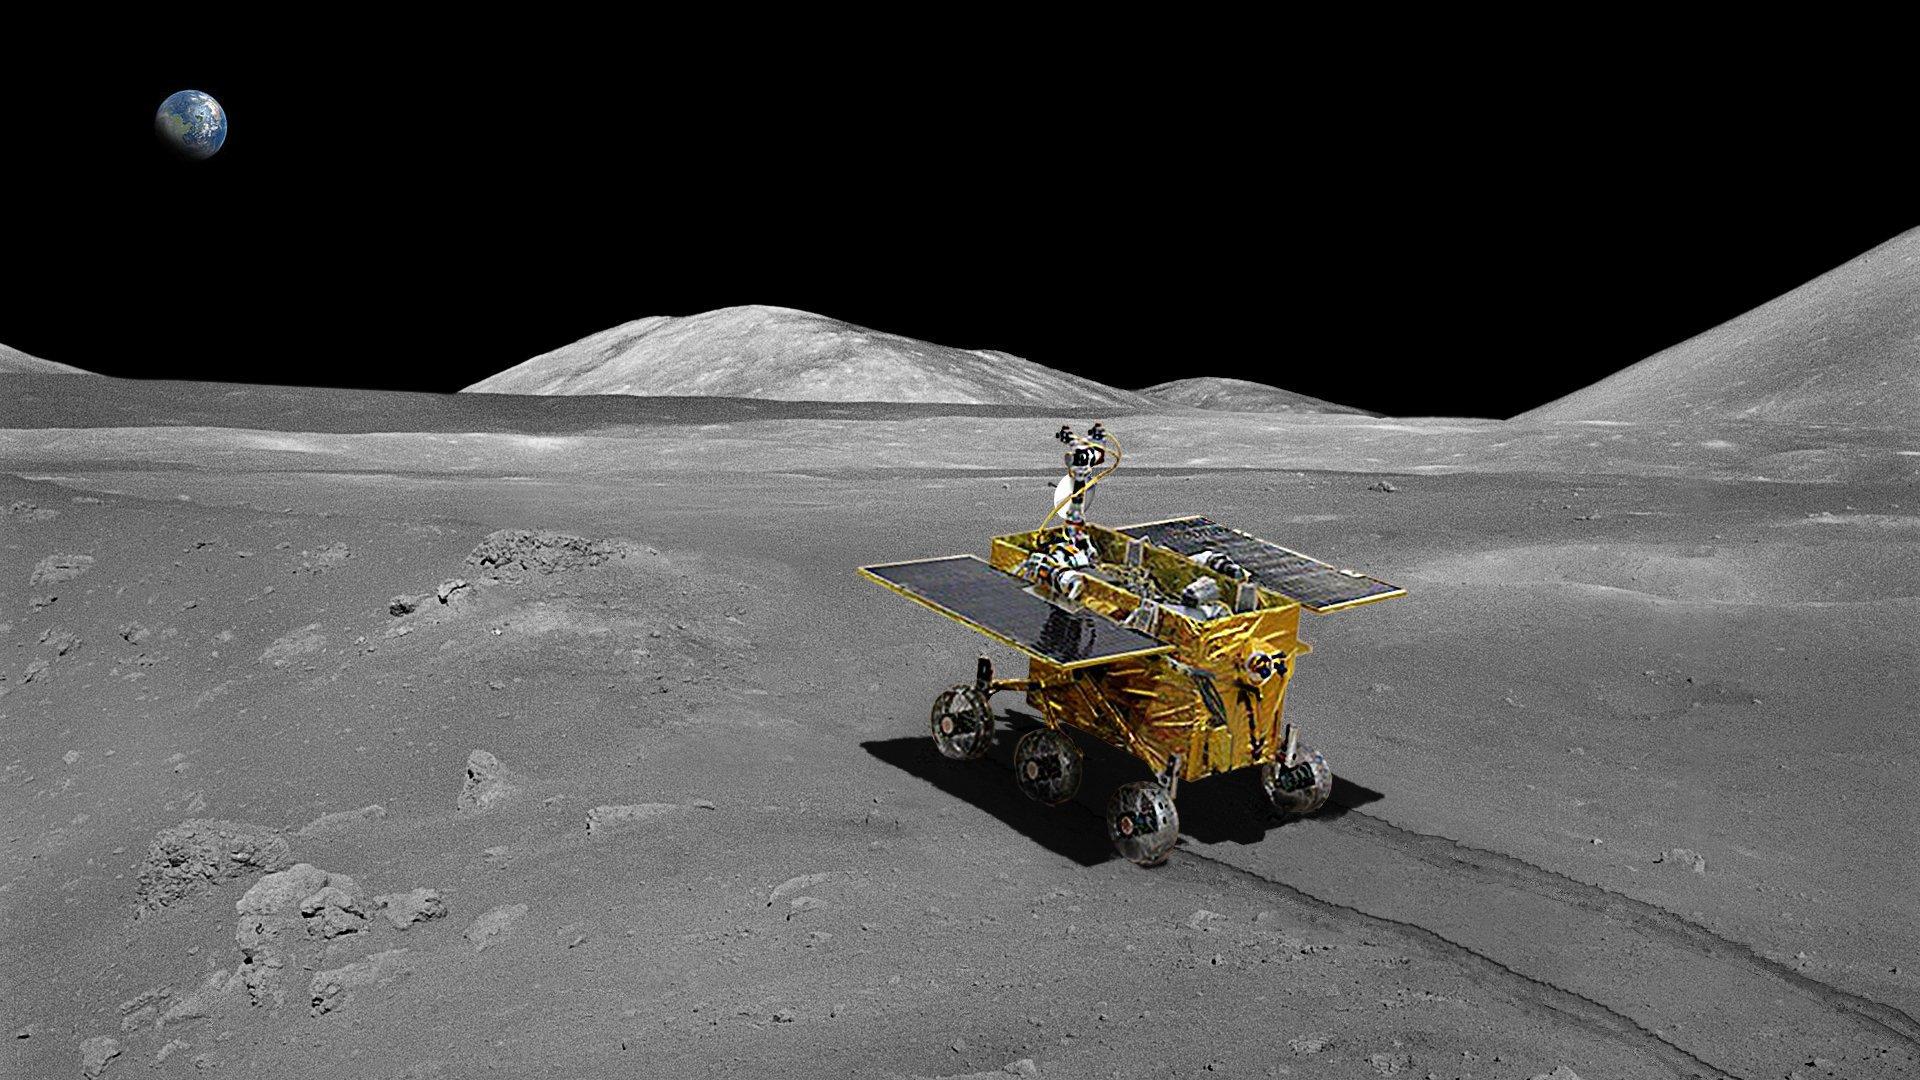 Der chinesische Mondroboter Yutu (Jadehase) hat neues Gestein auf dem Erdtrabanten entdeckt, eine Art von Basalt.